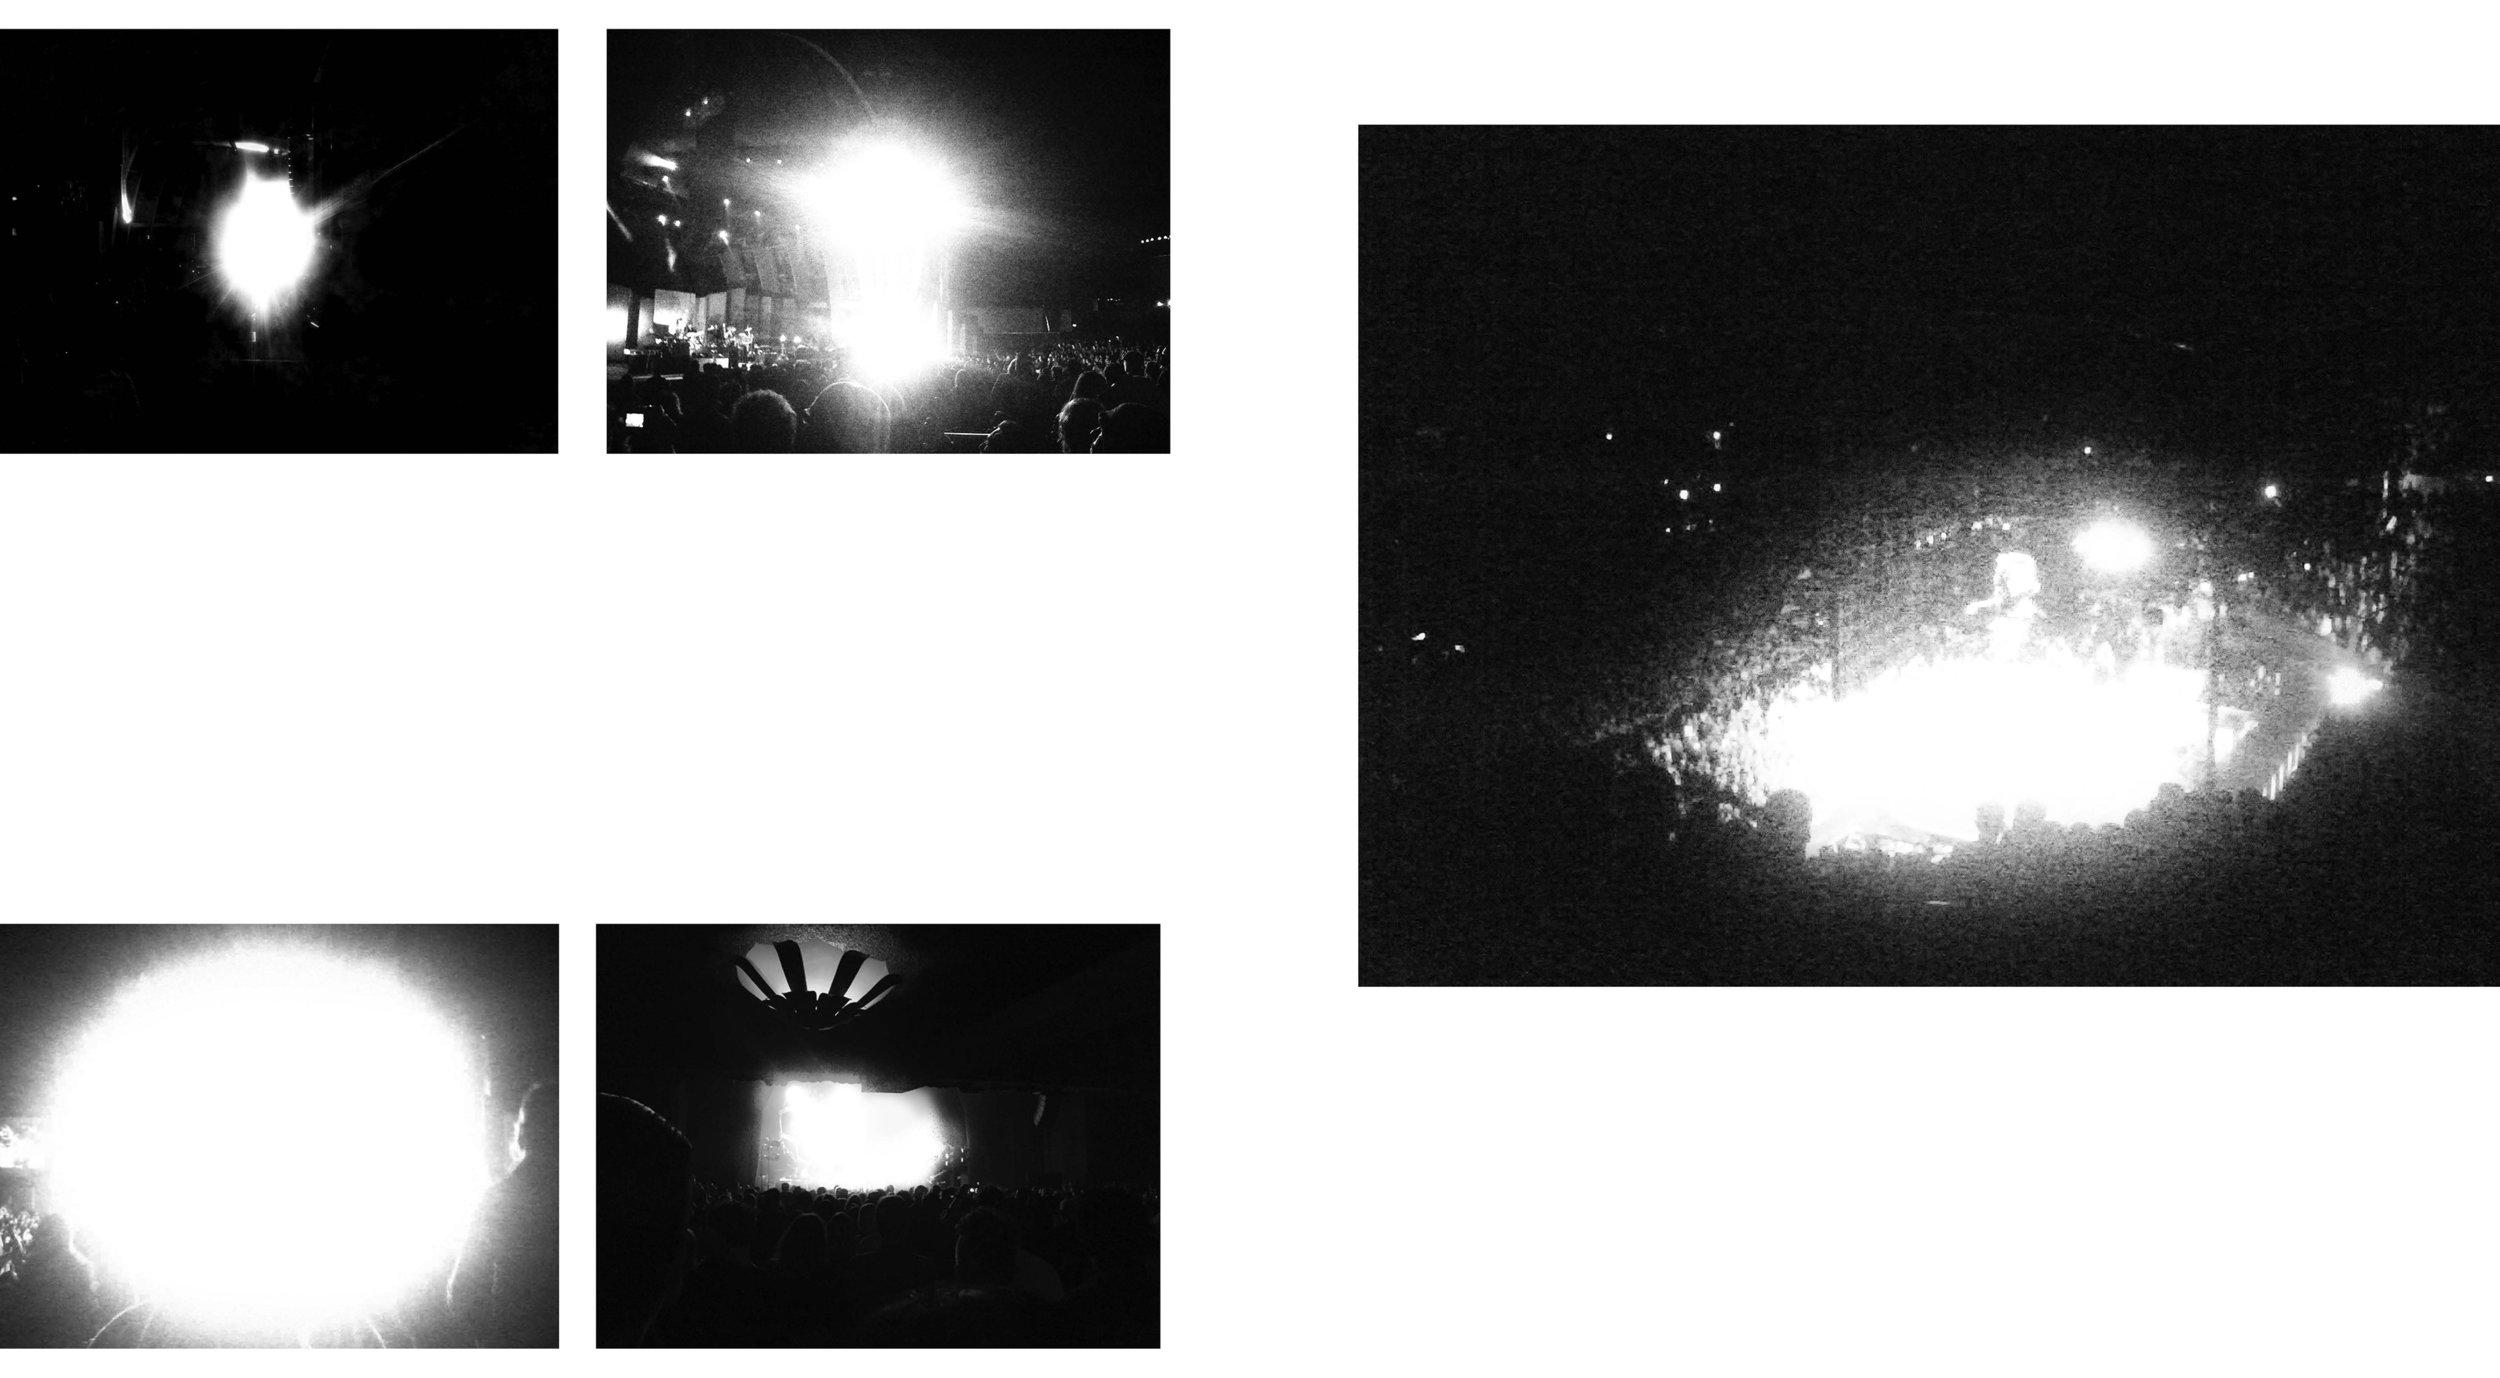 004_meteor explodes.jpg